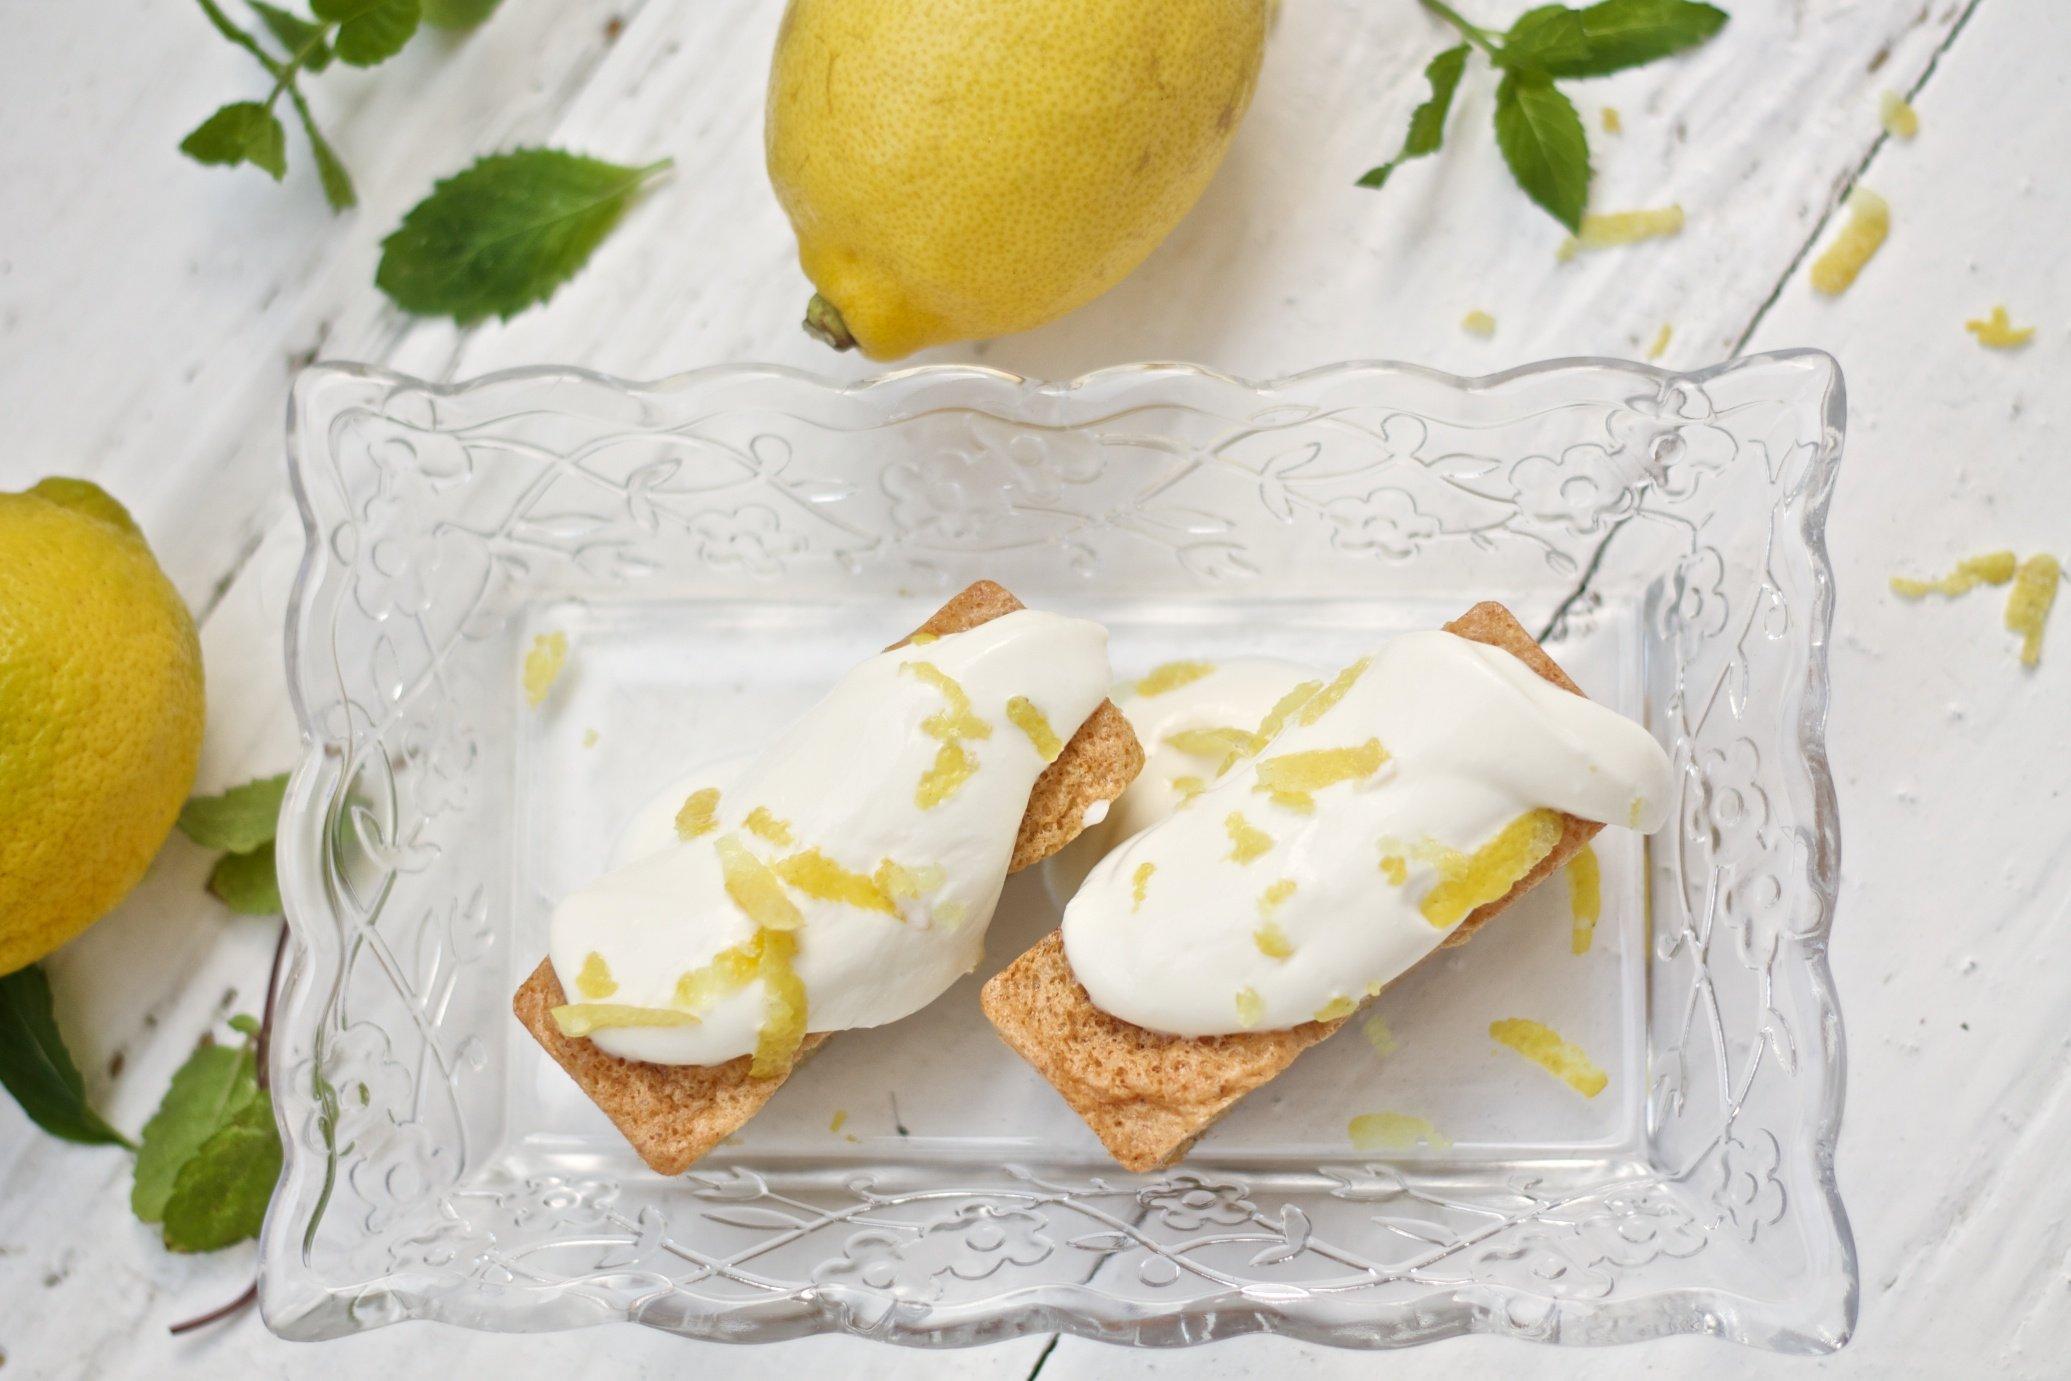 Mini-Mandelkuchen mit Zitronentopping von Emira und Tanja von Ihana